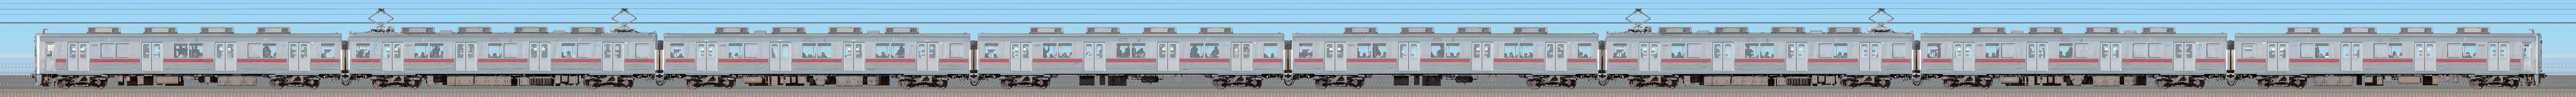 東武10000型11802編成(リニューアル車・海側)の編成サイドビュー